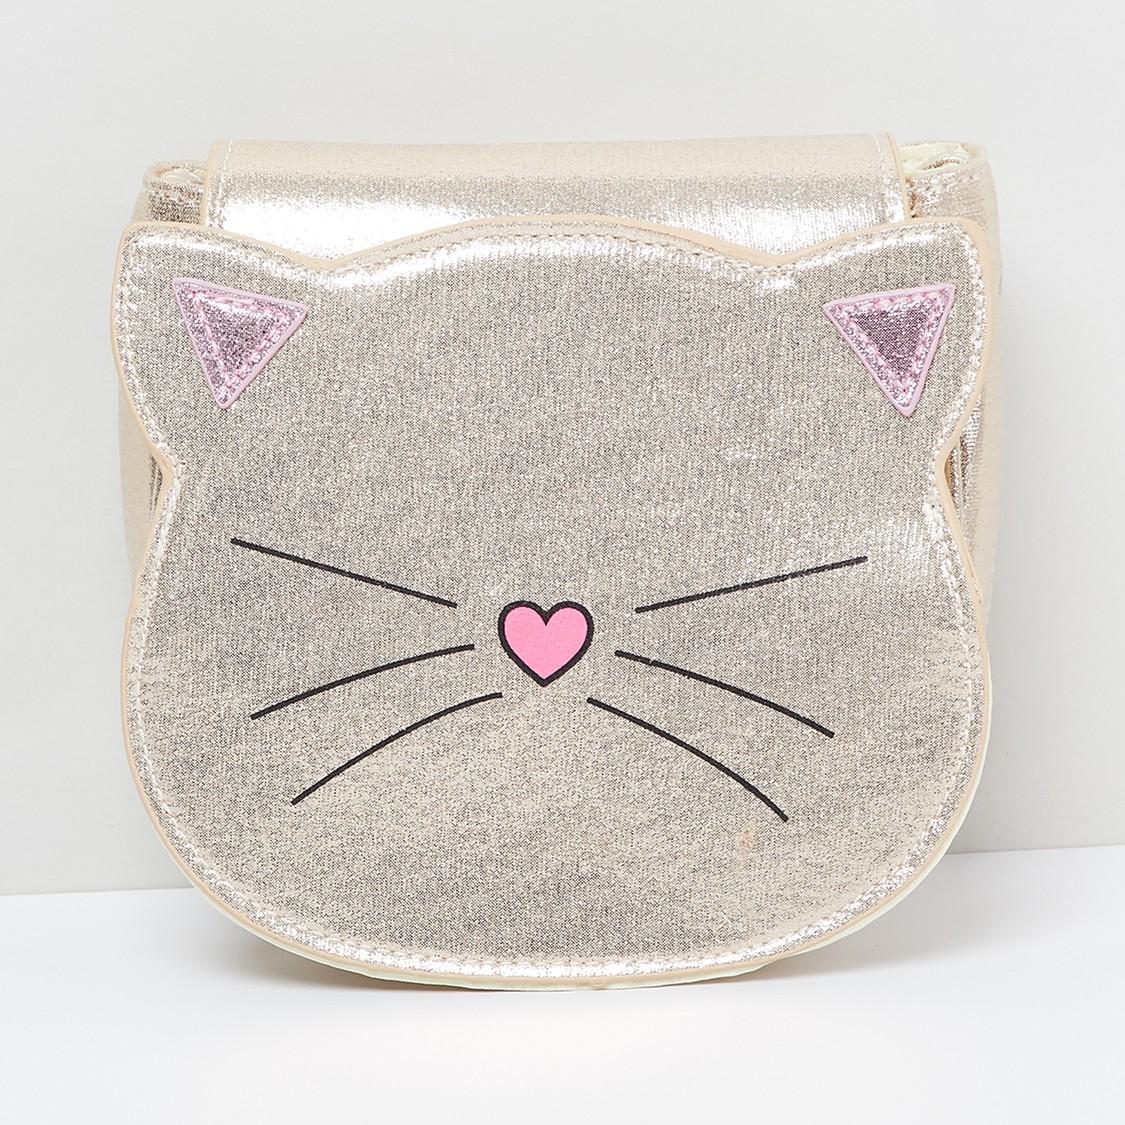 MAX Kitten-Shaped Sling Bag